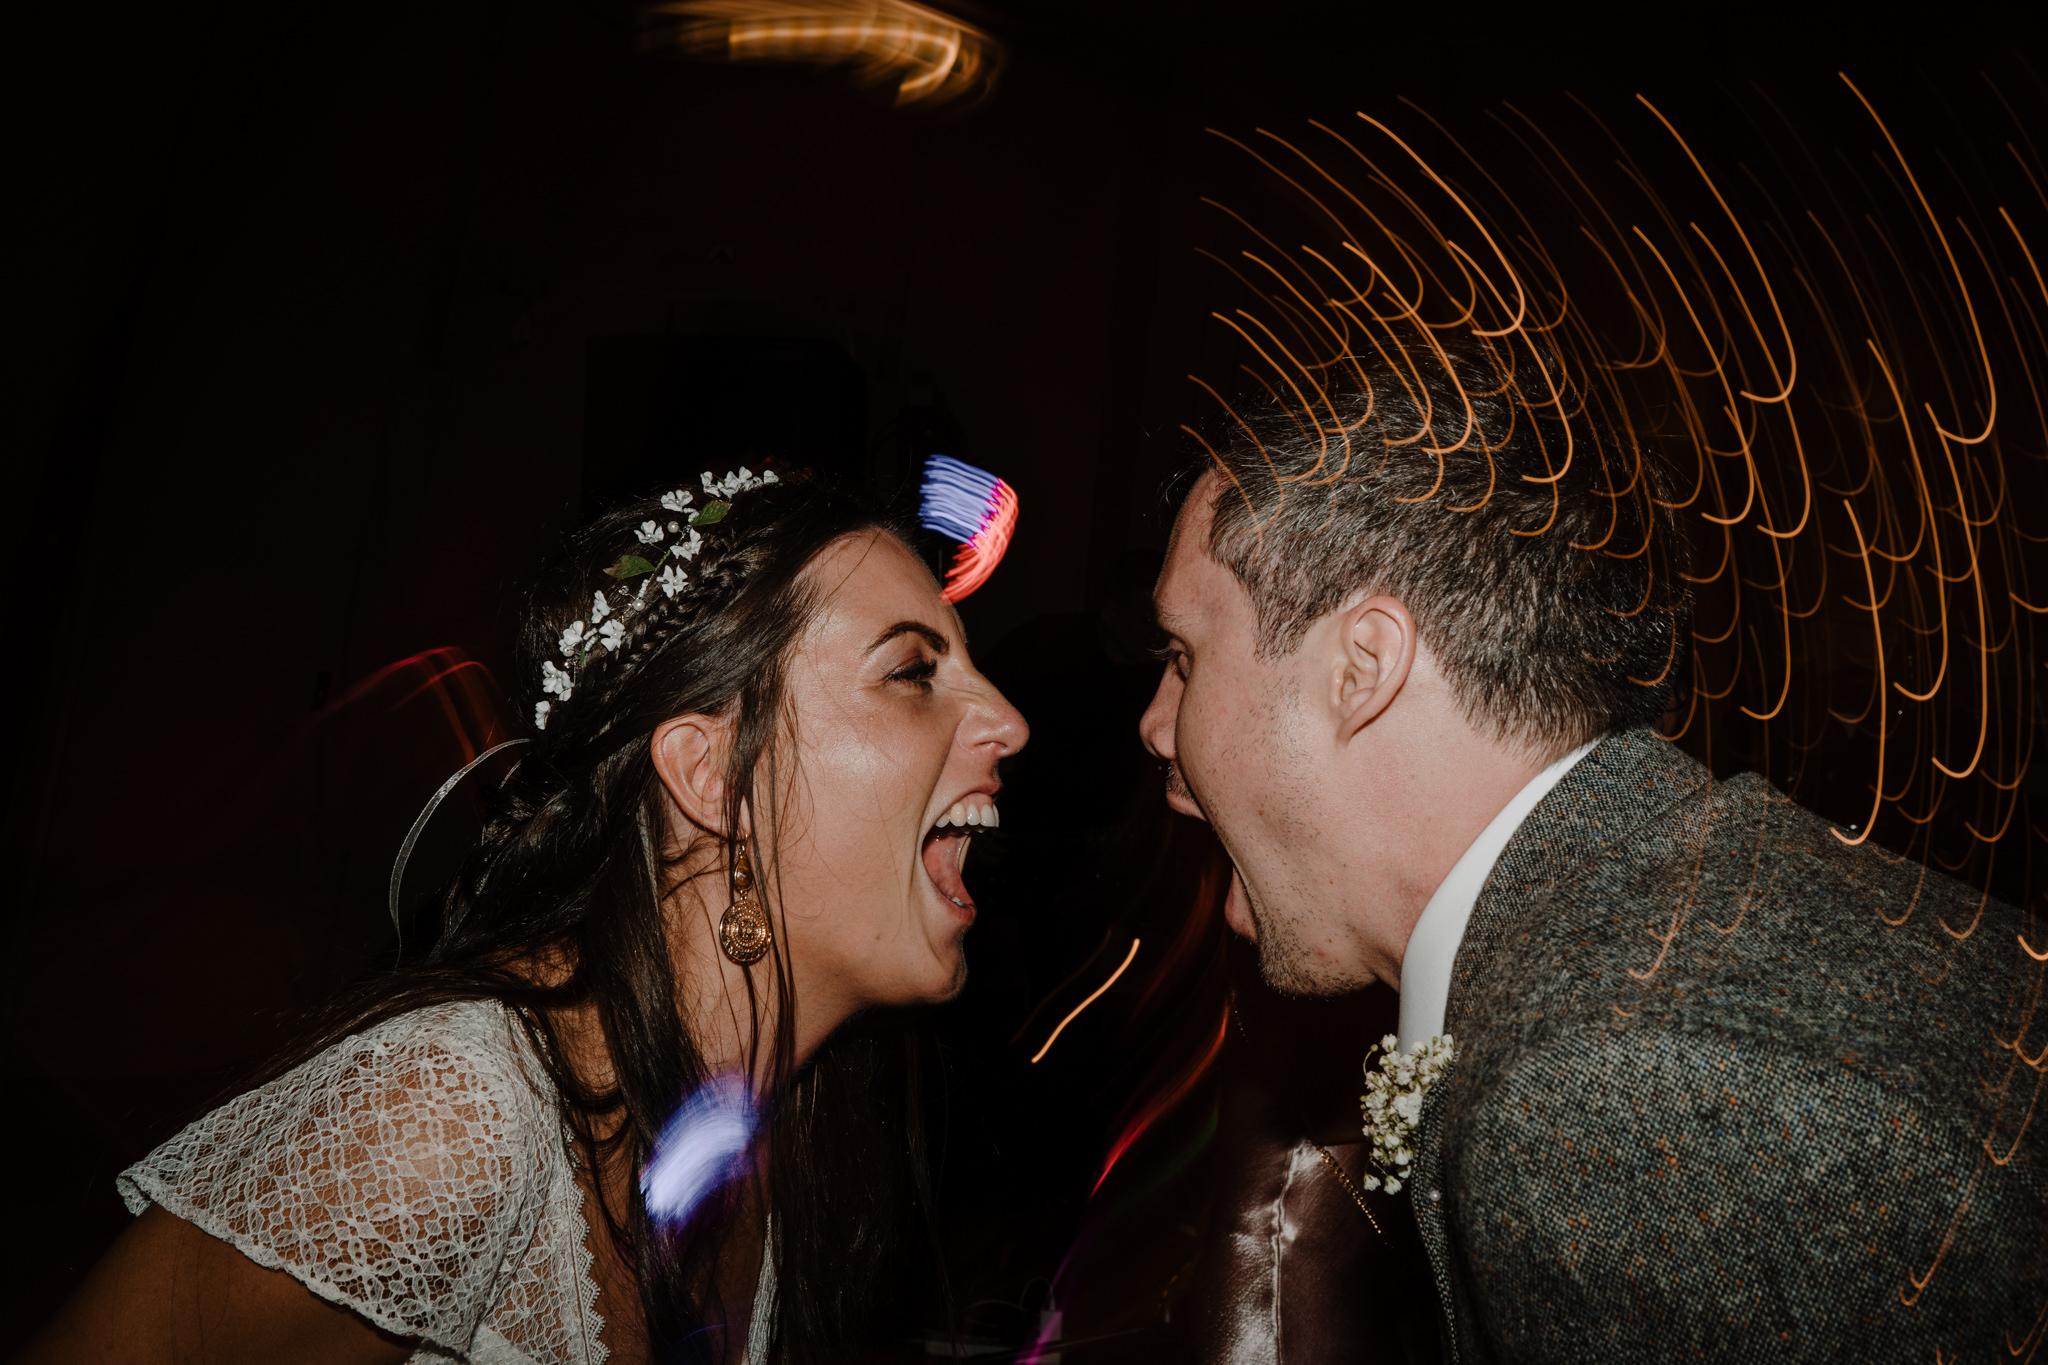 magnakata-tipi-wedding-portstewart-bride-groom-first-dance